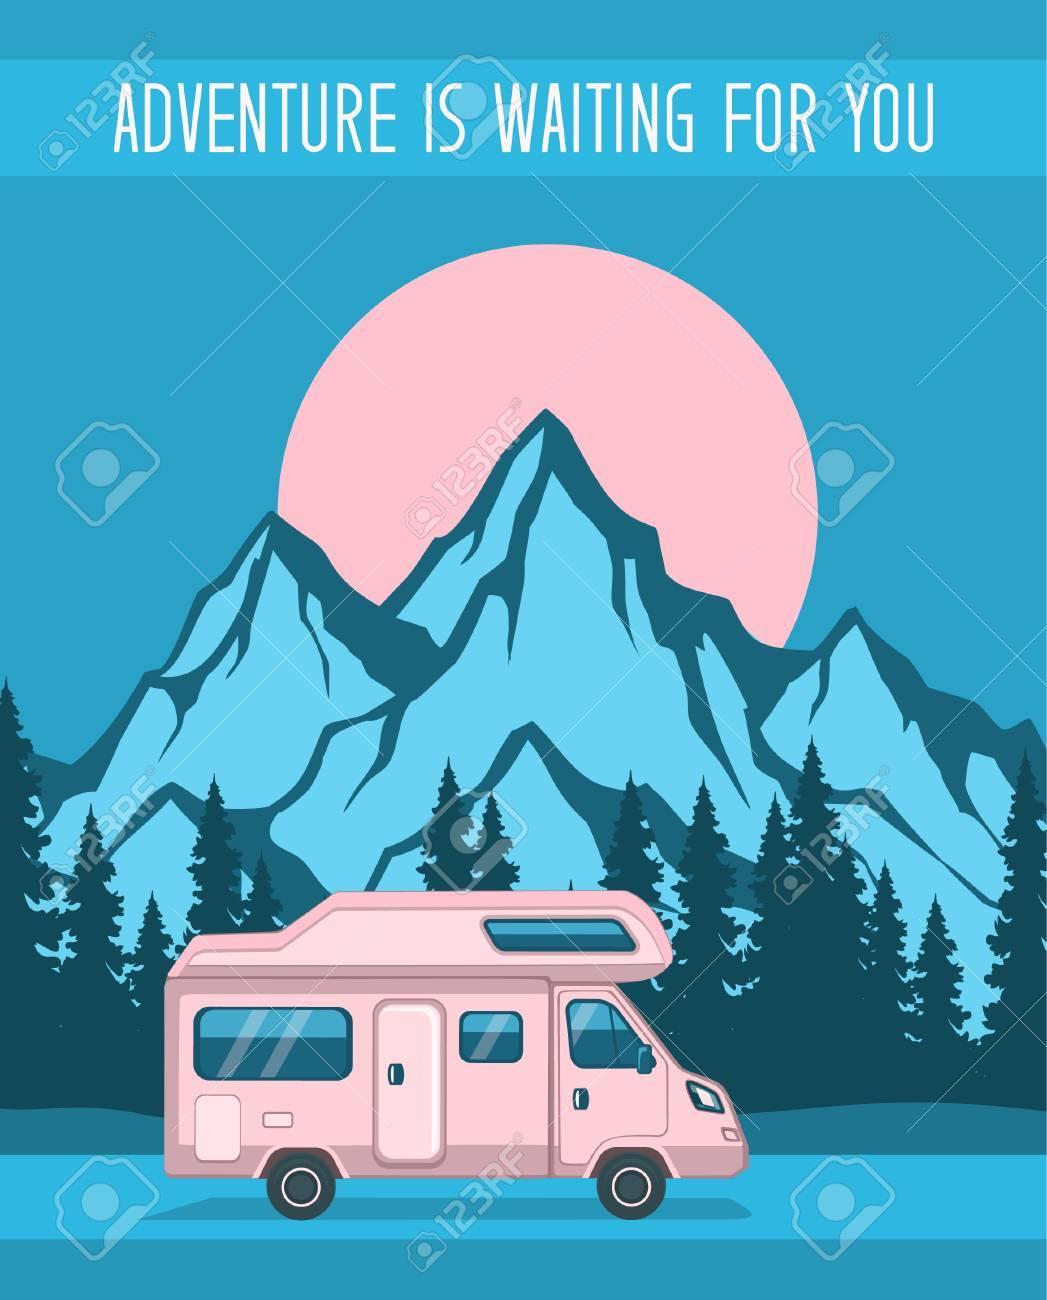 family adventure road trip poster template caravan camper motorhome